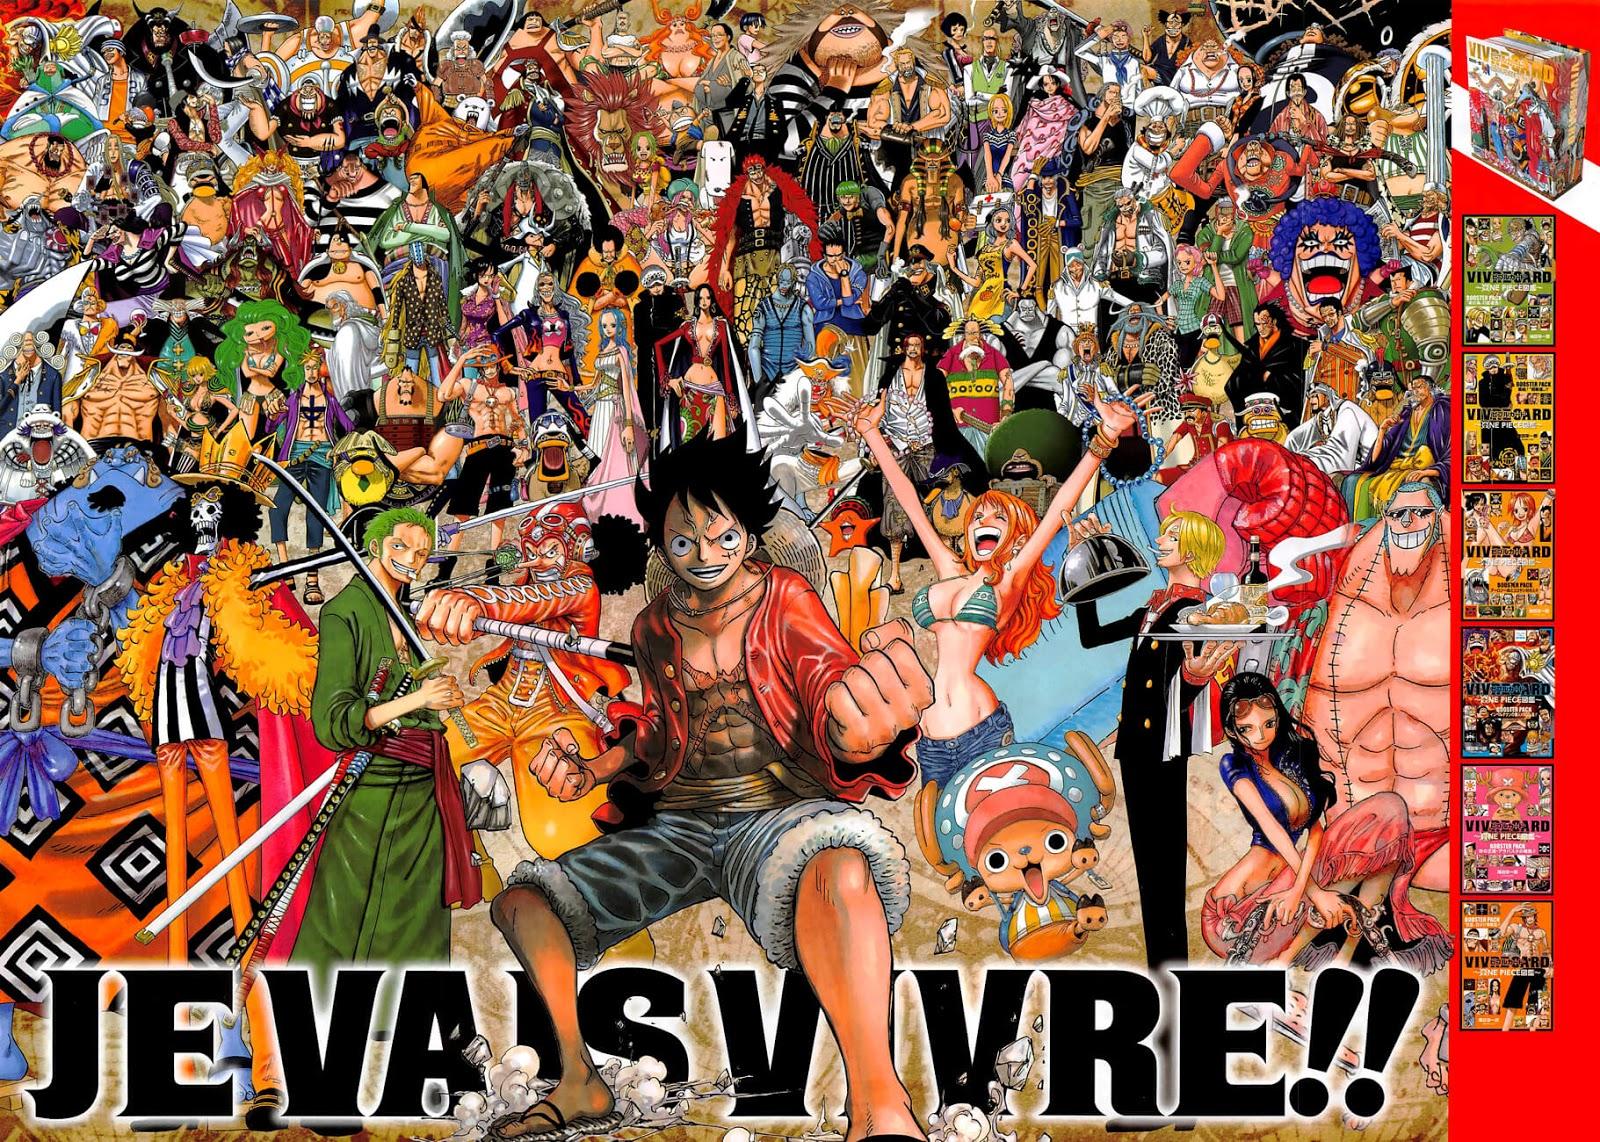 خلفيات أنمي ون بيس One Piece